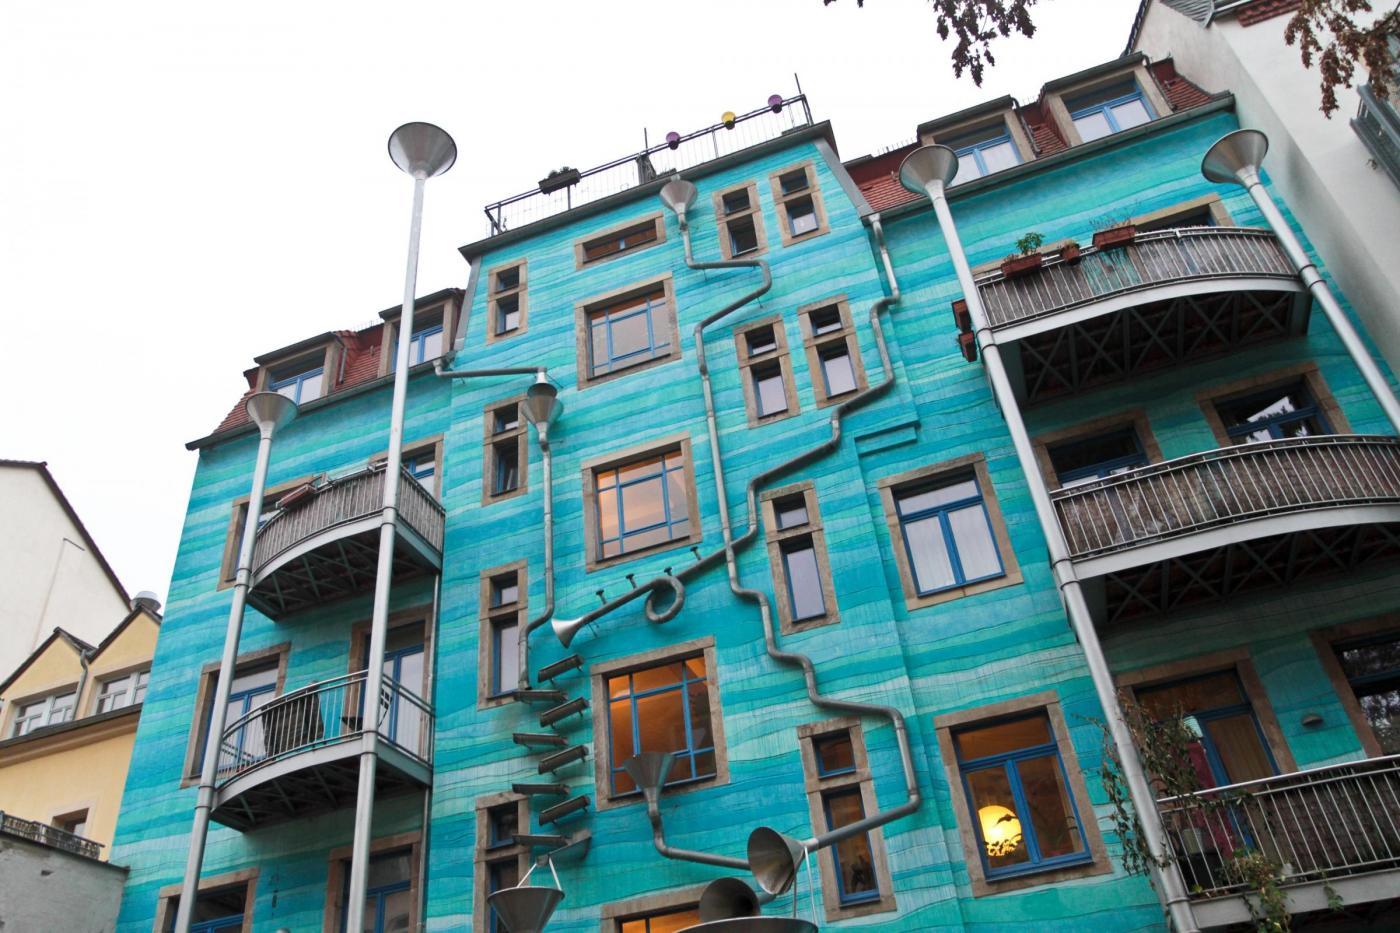 Berlino, la casa che suona con la pioggia03